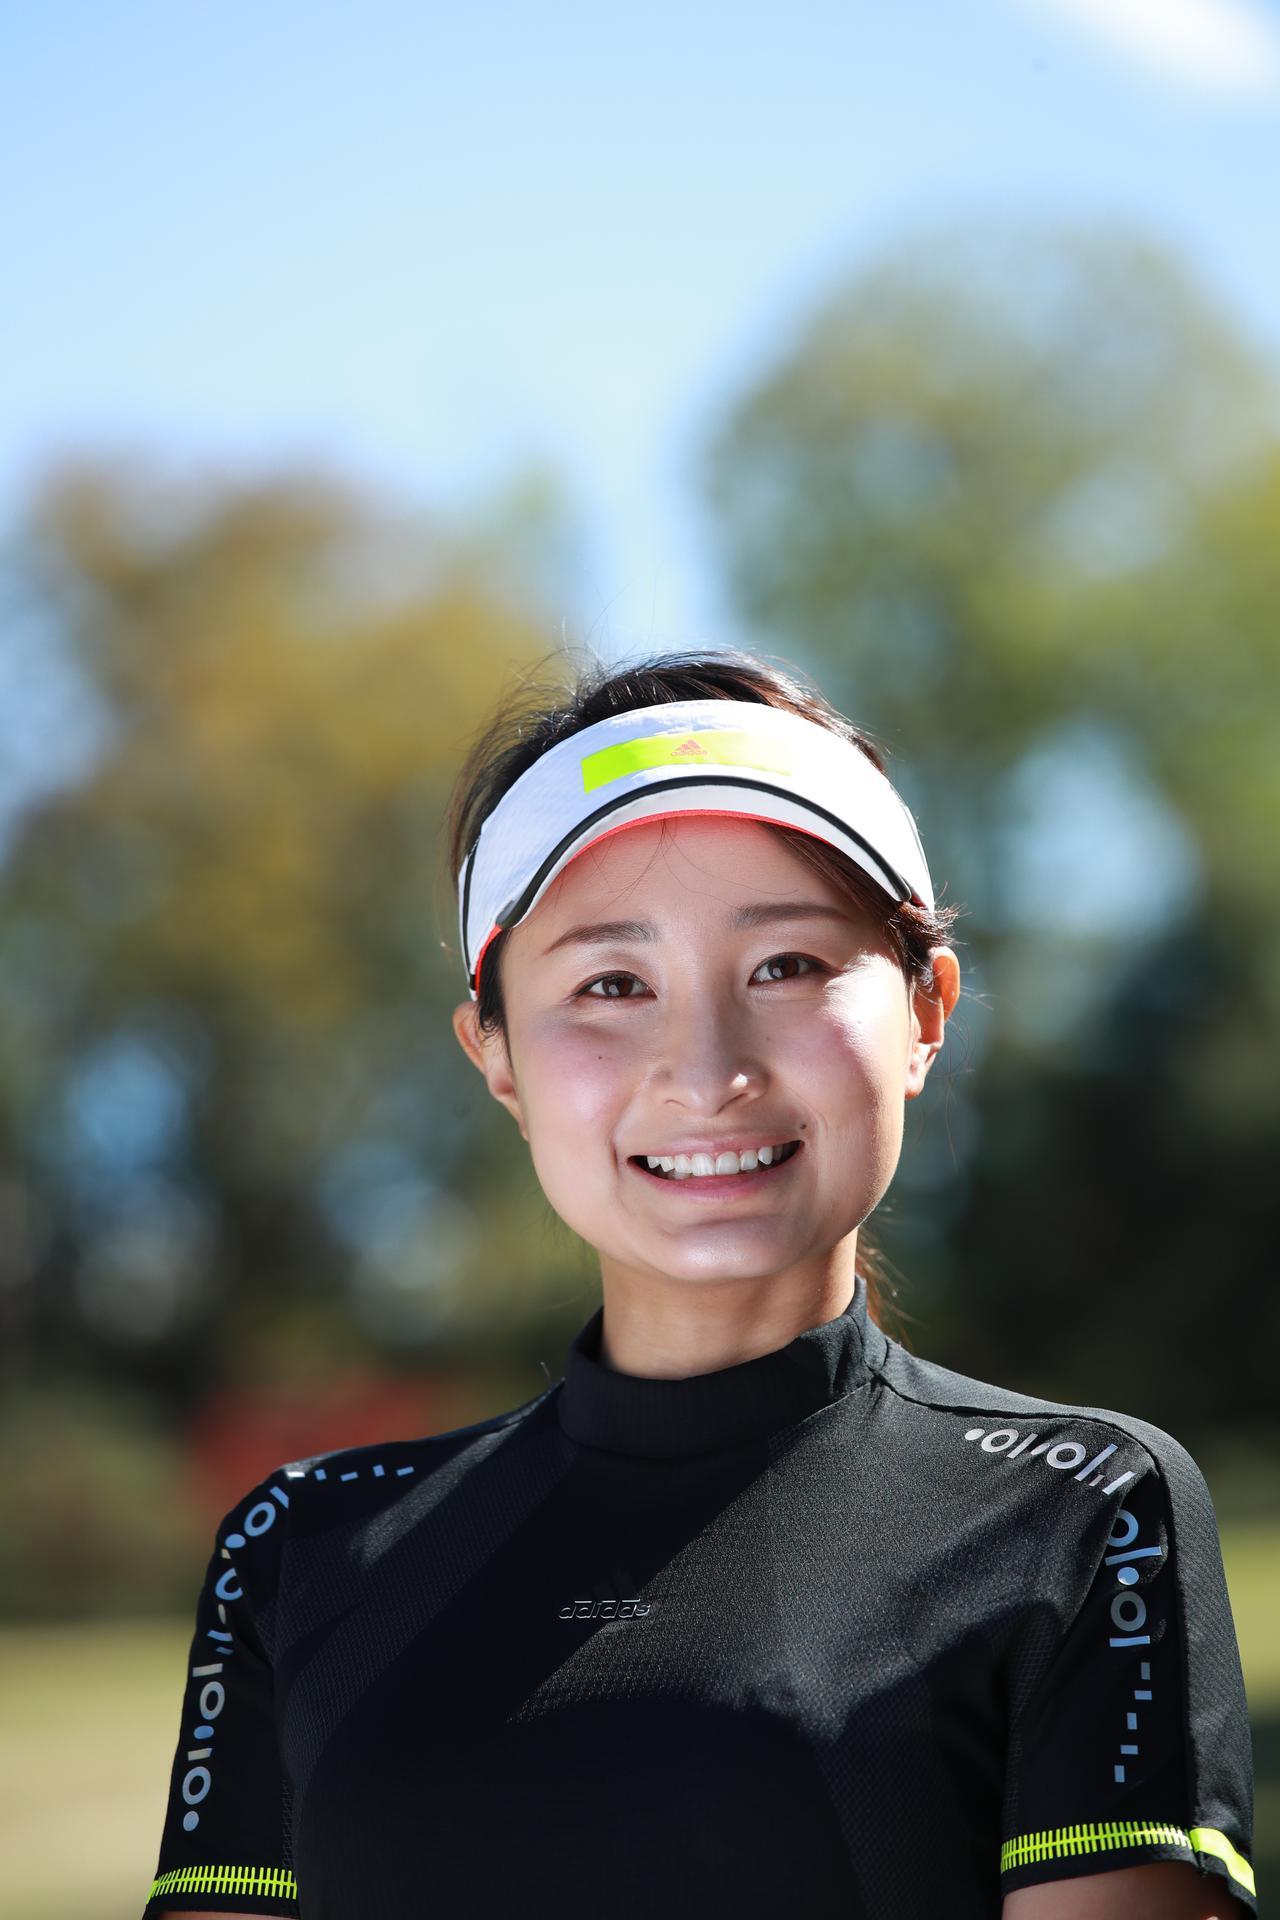 画像: 板倉由姫乃 ゴルル会員番号14番。日大ゴルフ部出身。ゴルフ界での人脈を生かし、由姫乃せんぱいの愛称でYouTube「チェケラーGOLF」のメインMCとして人気を集める。